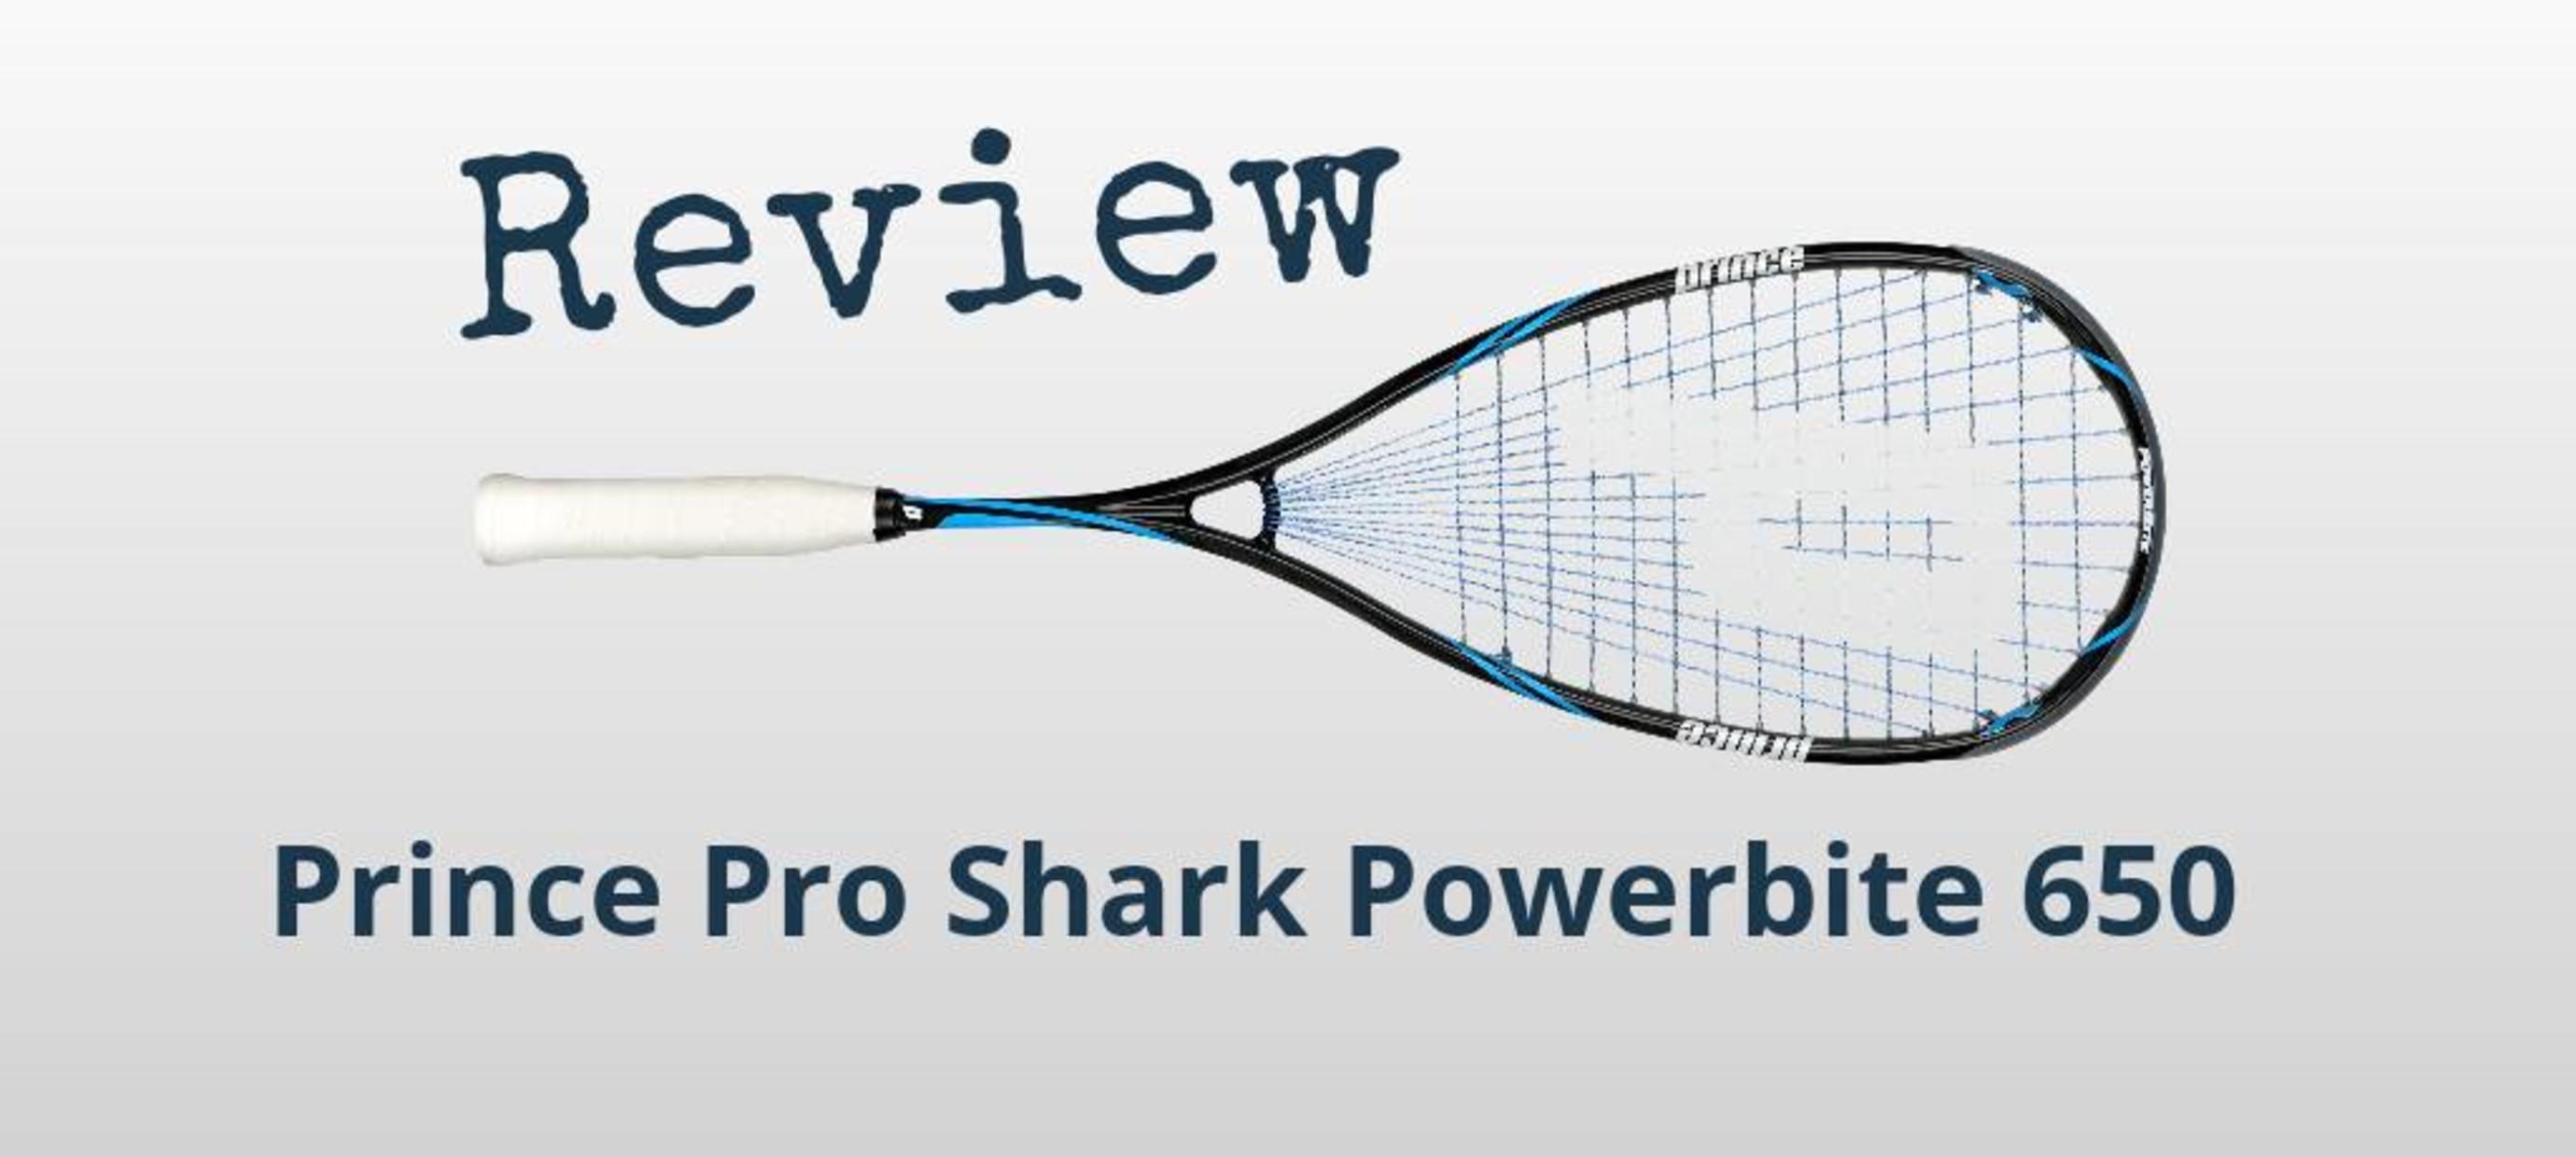 Review Prince Pro Shark Powerbite 650